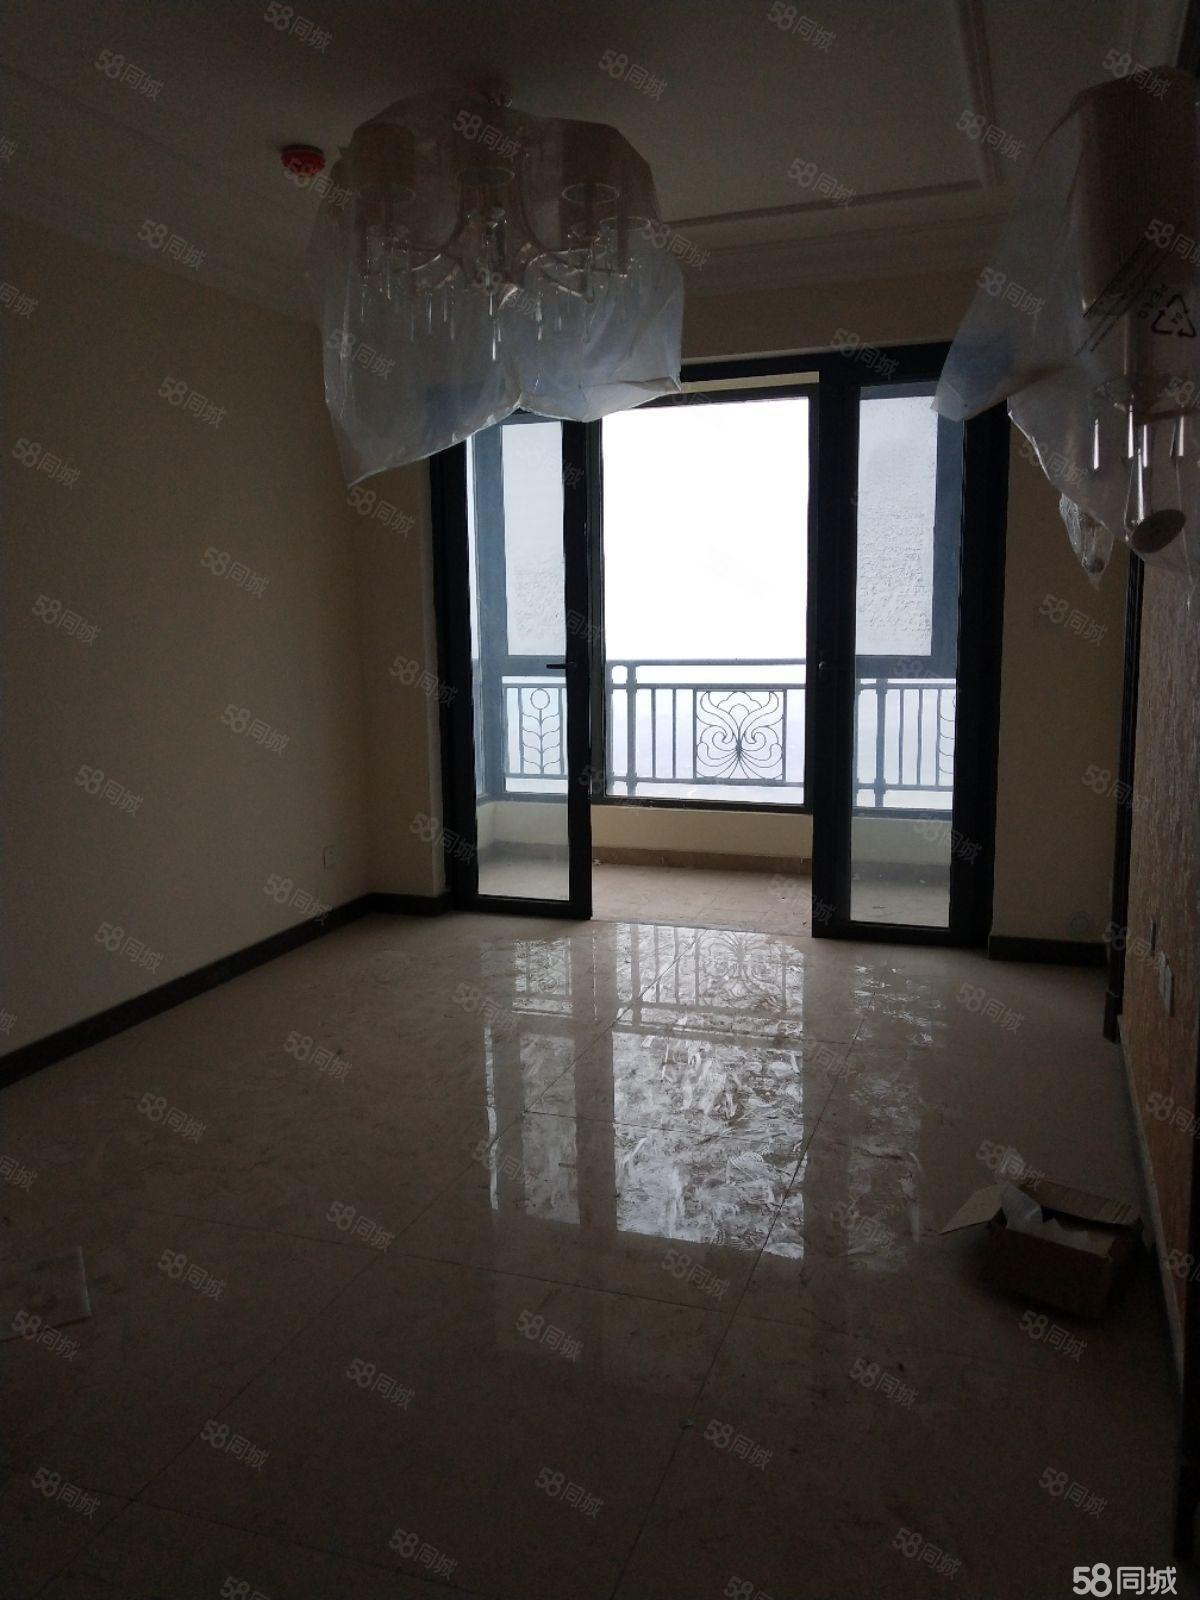 聊城恒大名都专注婚房设计 彰显城市生活独特魅力